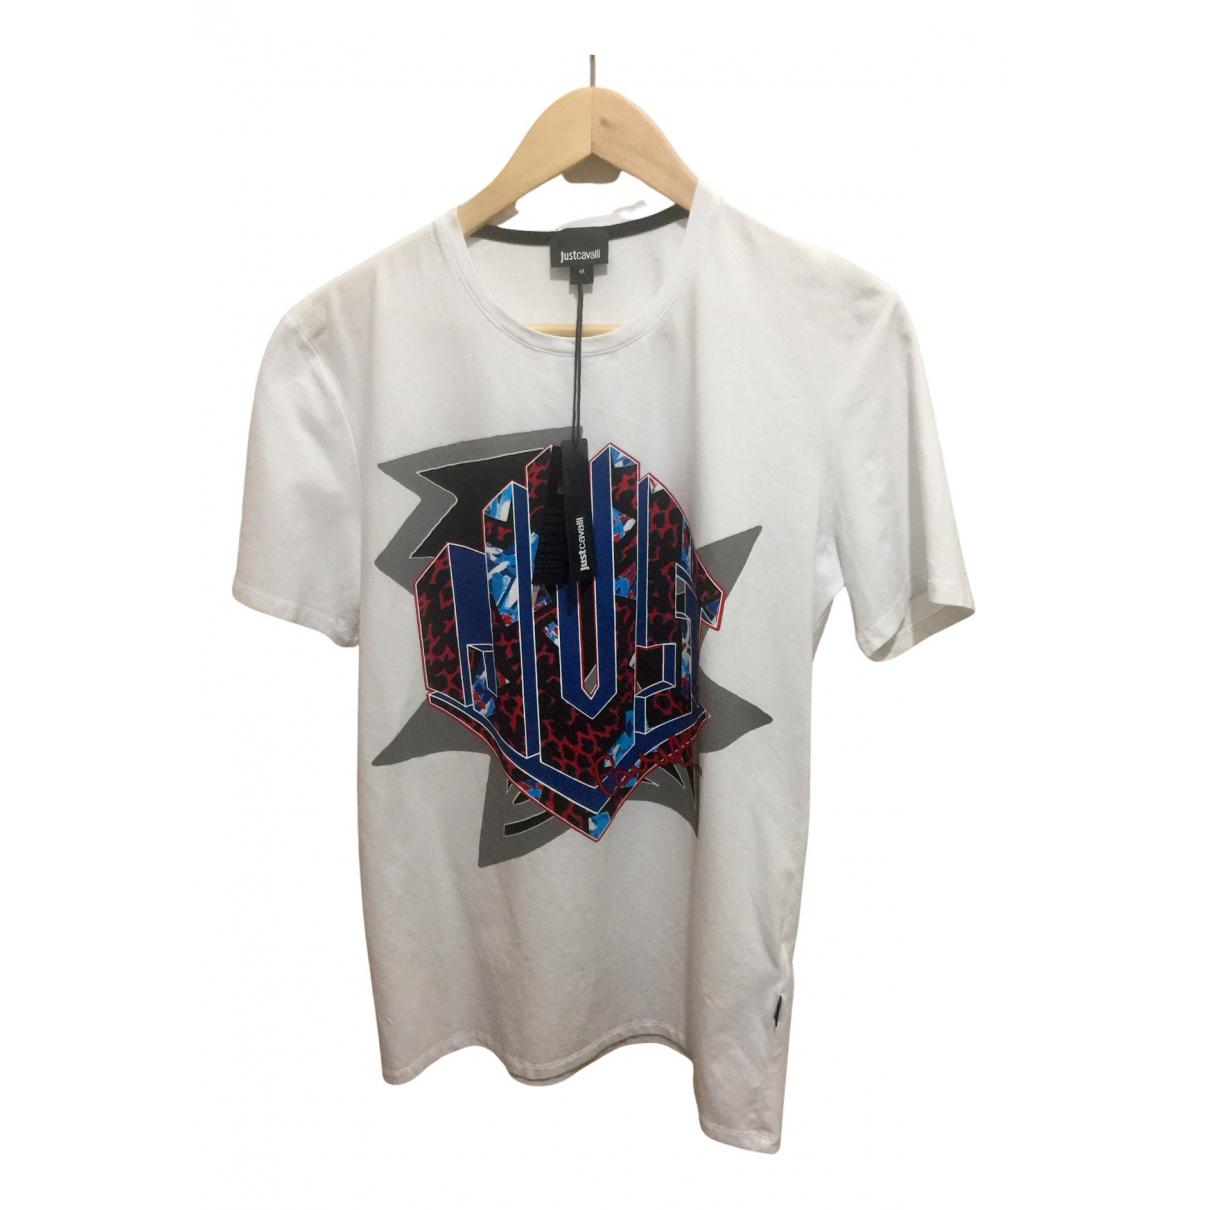 Just Cavalli - Tee shirts   pour homme en coton - multicolore